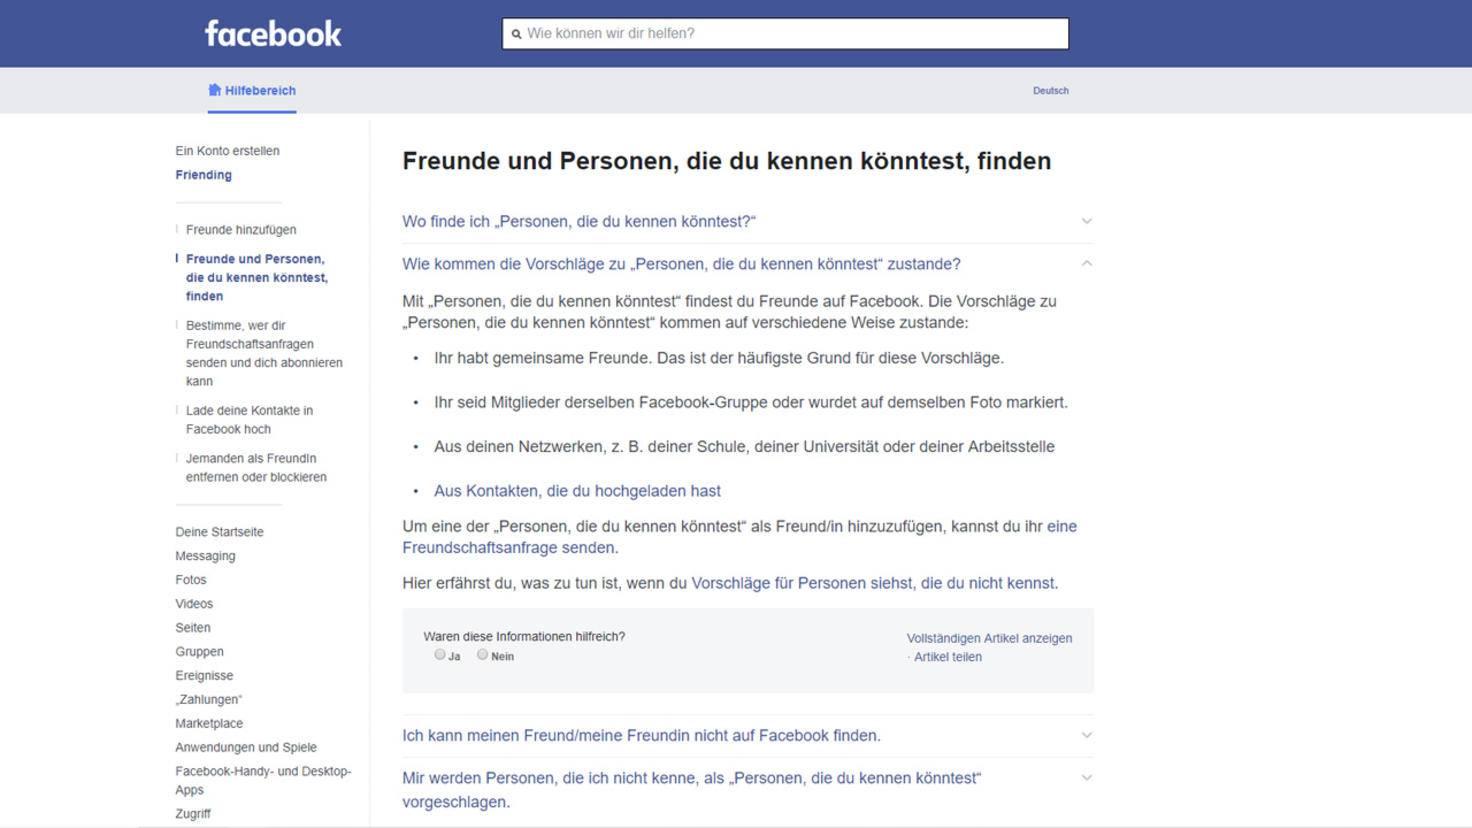 Facebook Personen die du kennen koenntest